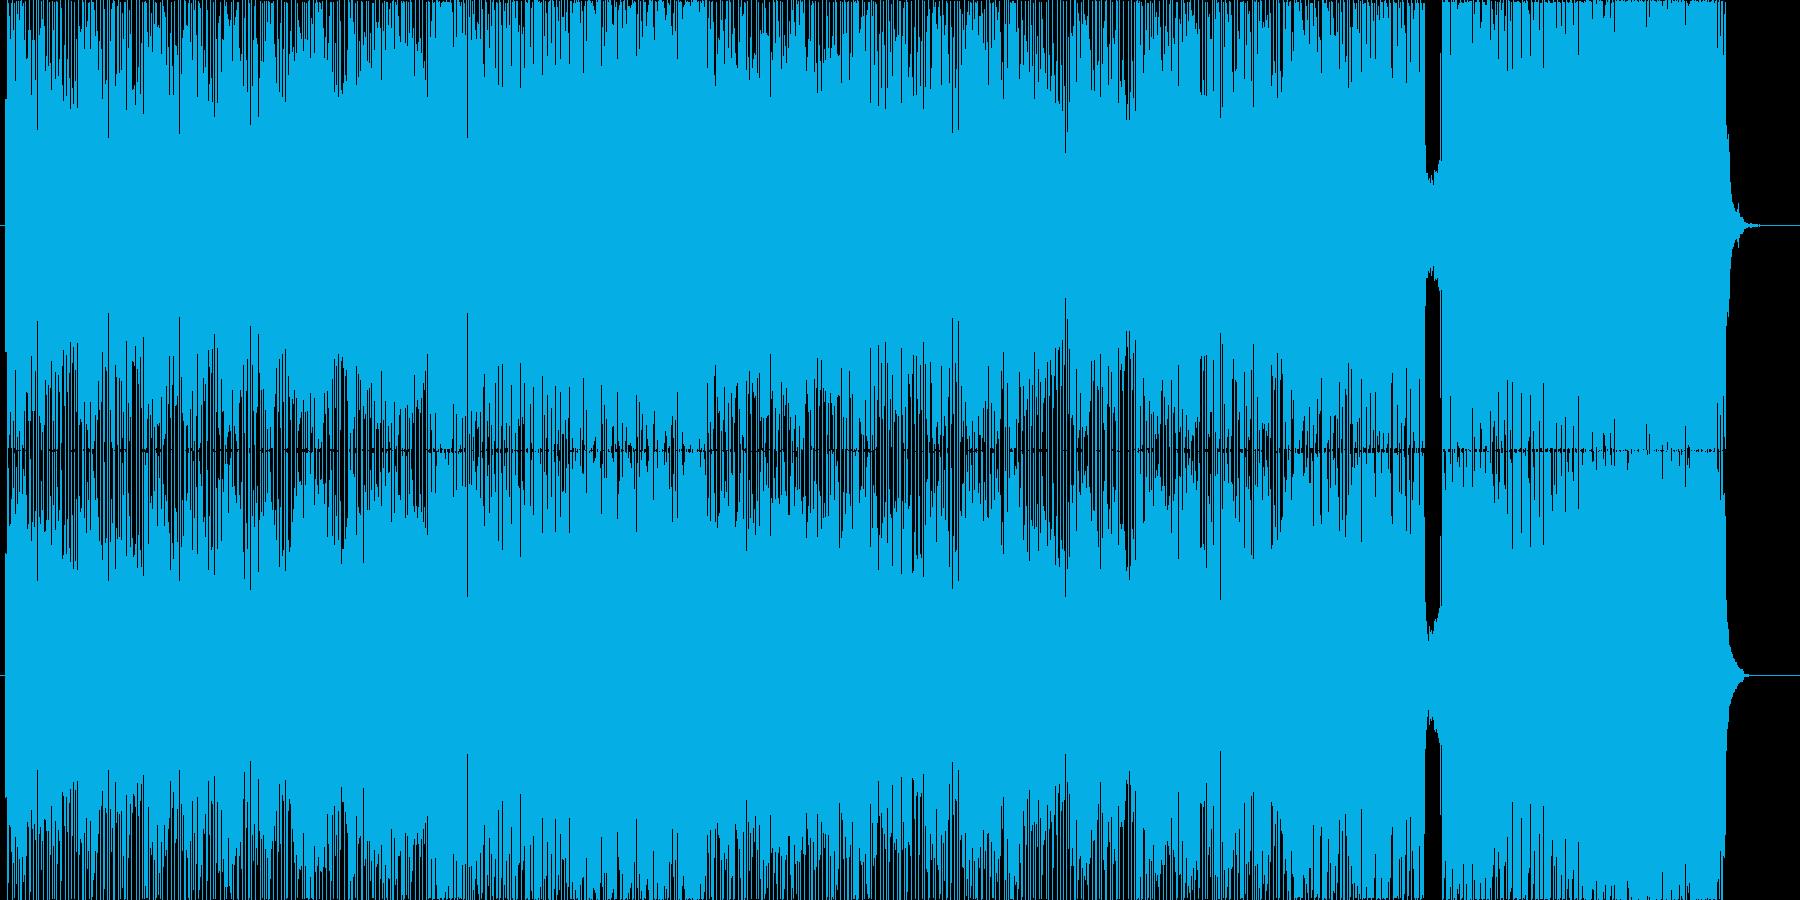 被験者Jの再生済みの波形